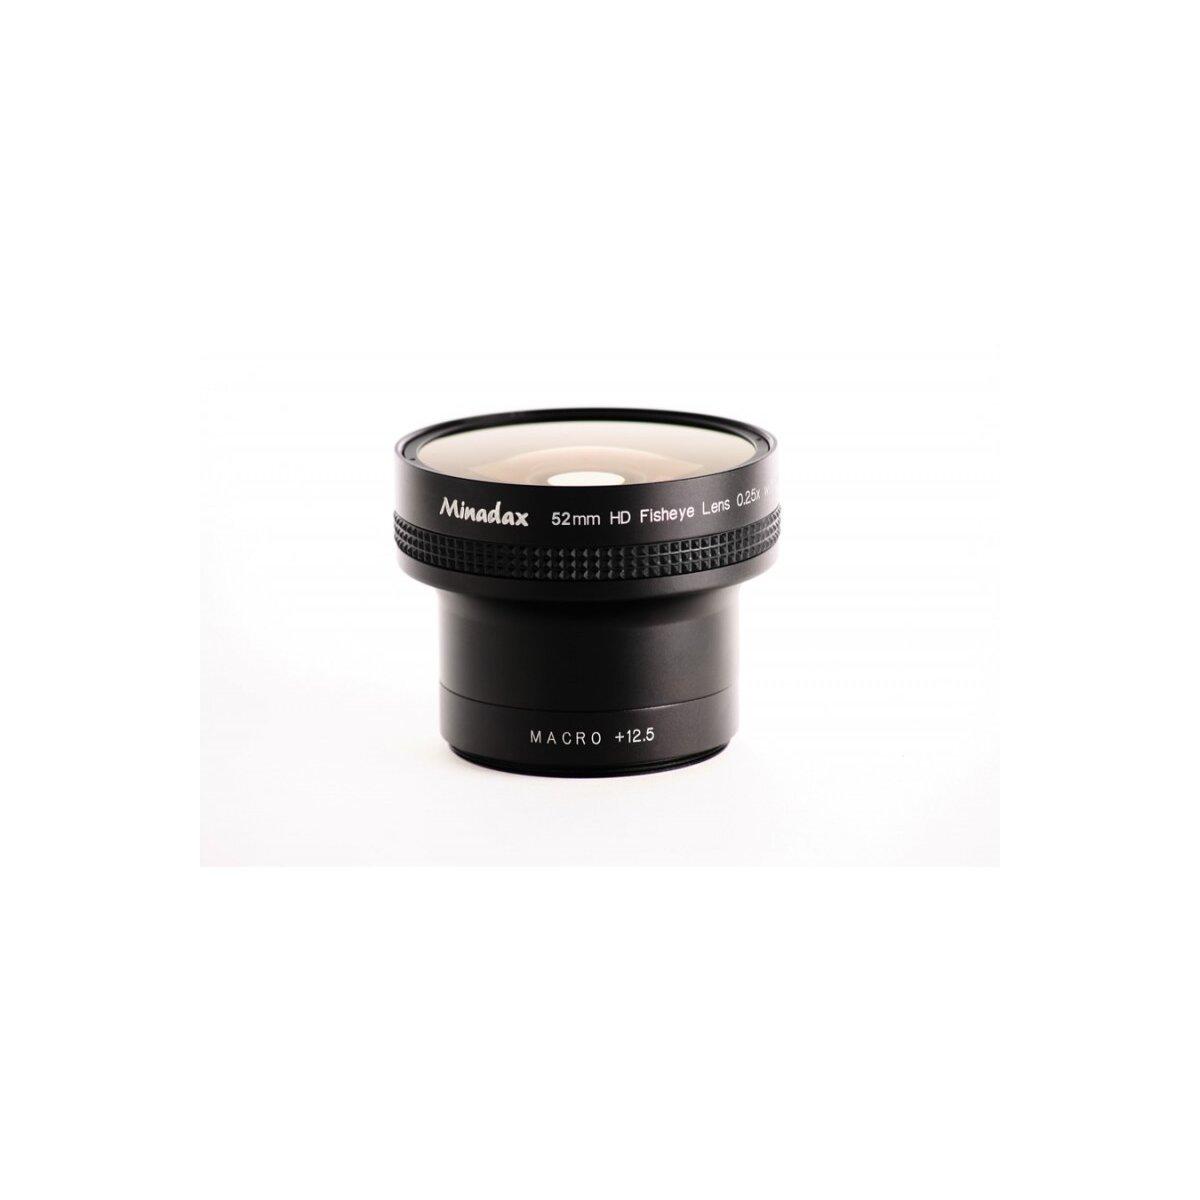 Minadax 0.25x Fisheye Vorsatz kompatibel mit Nikon Coolpix P6000 Ersatz für UR-E21 - in schwarz